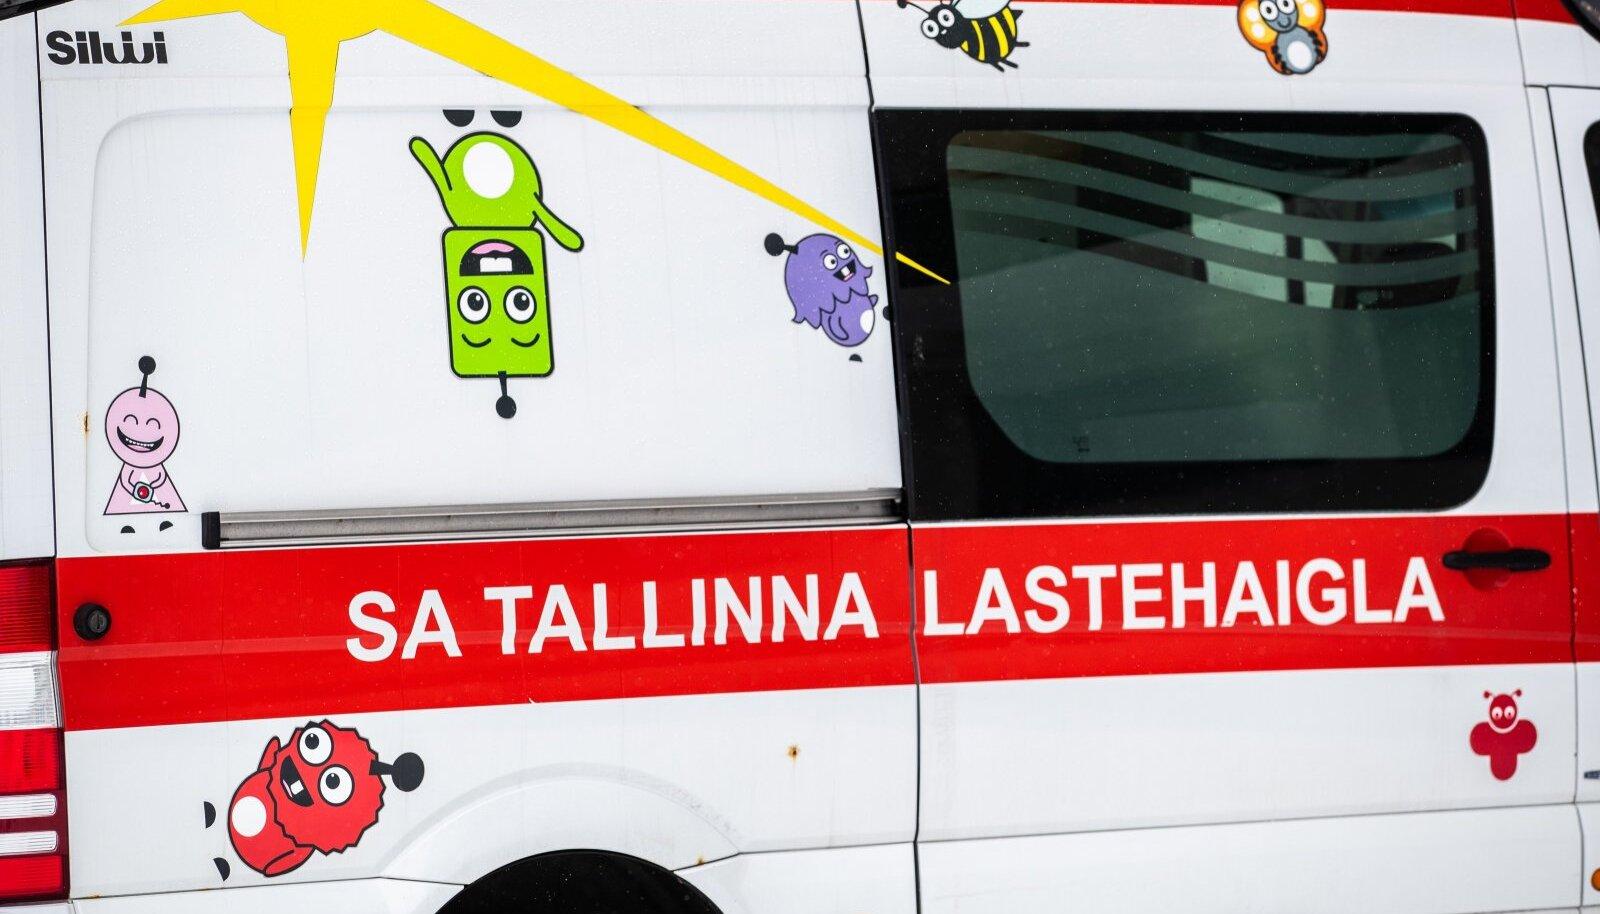 Tallinna lastehaiglasse on sellel aastal jõudnud suitsiidikatse tõttu igas kuus keskmiselt ligi 20 last.